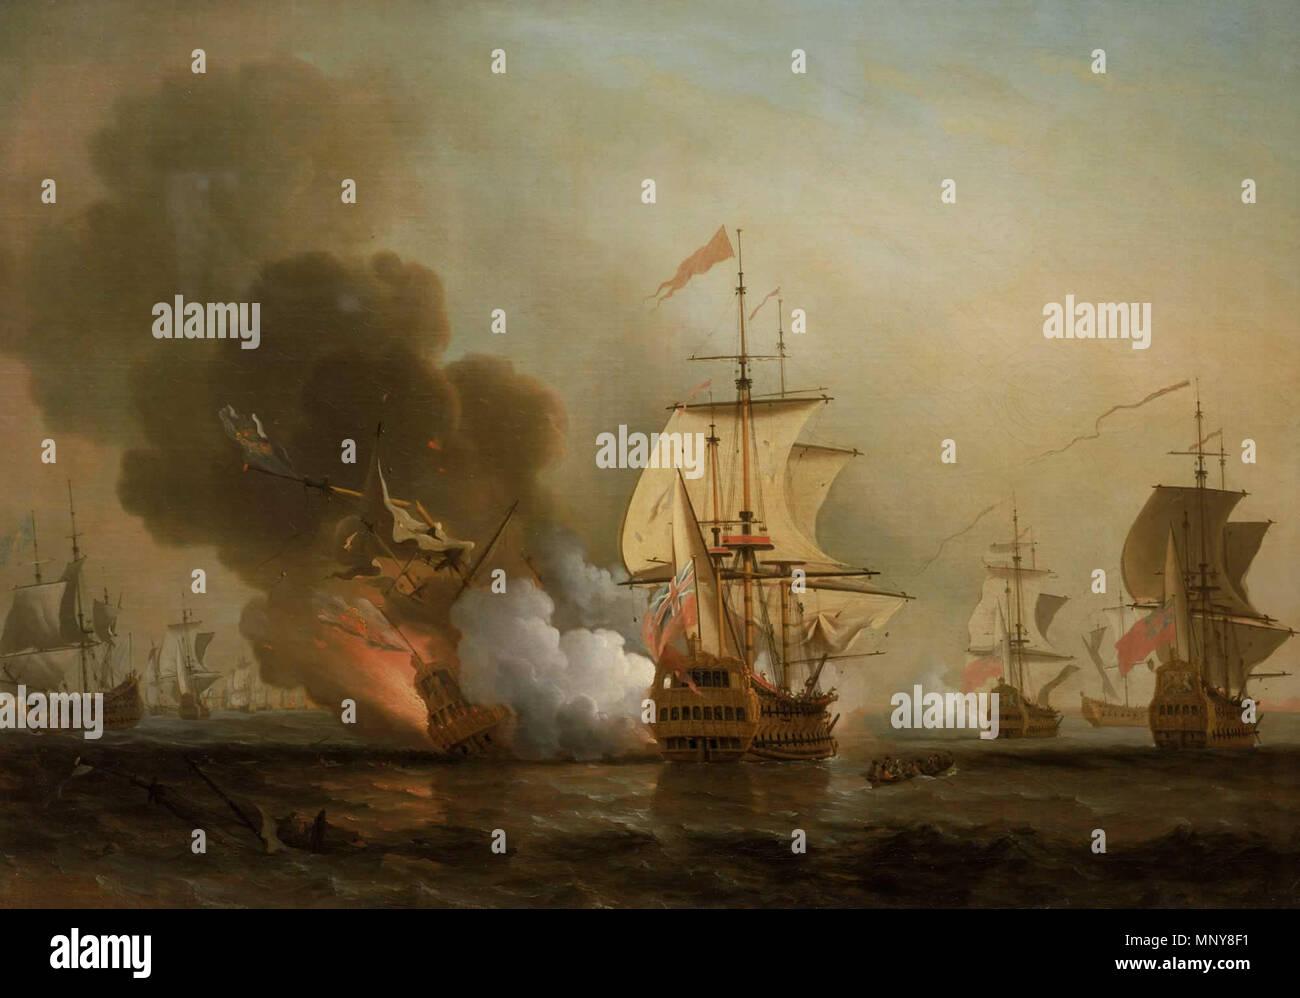 .  English: Action off Cartagena, May 28, 1708 Français: Combat naval au large de Carthagène, 28 mai 1708. Une escadre britannique attaque la flotte de l'or espagnole. Un navire espagnol est capturé, un autre contraint de s'échouer, et le San Jose qui transportait l'essentiel du trésor espagnol, est détruit par l'explosion de sa poudrière. . before 1772.   1248 Wager's Action off Cartagena, 28 May 1708 - Stock Image